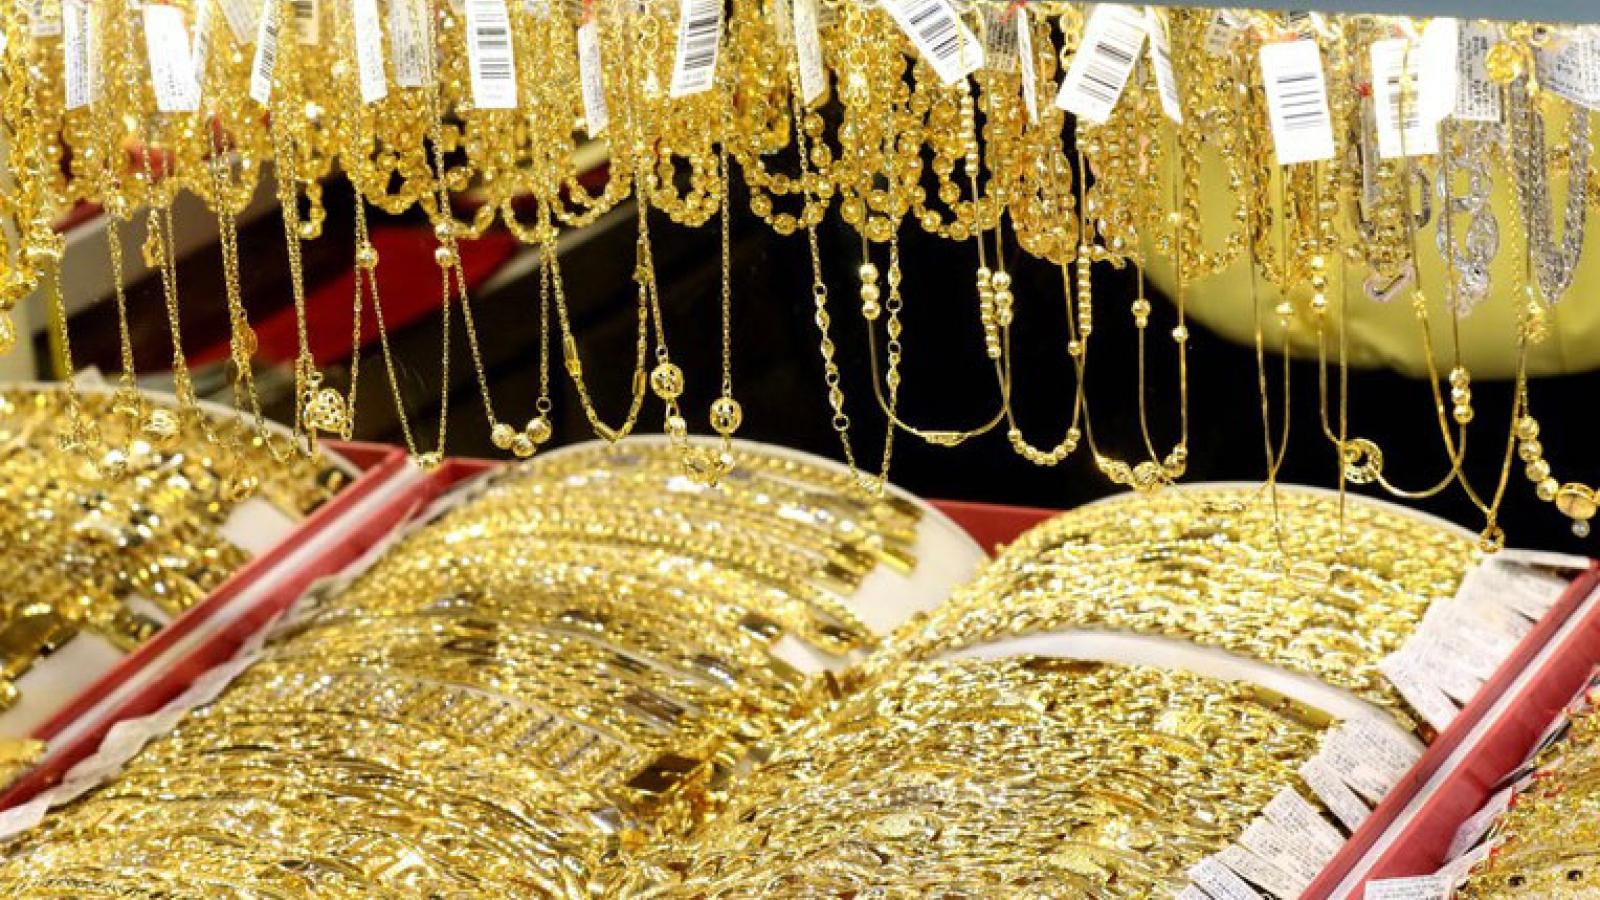 Giá vàng trong nước đảo chiều tăng trong ngày bầu cử Tổng thống Mỹ